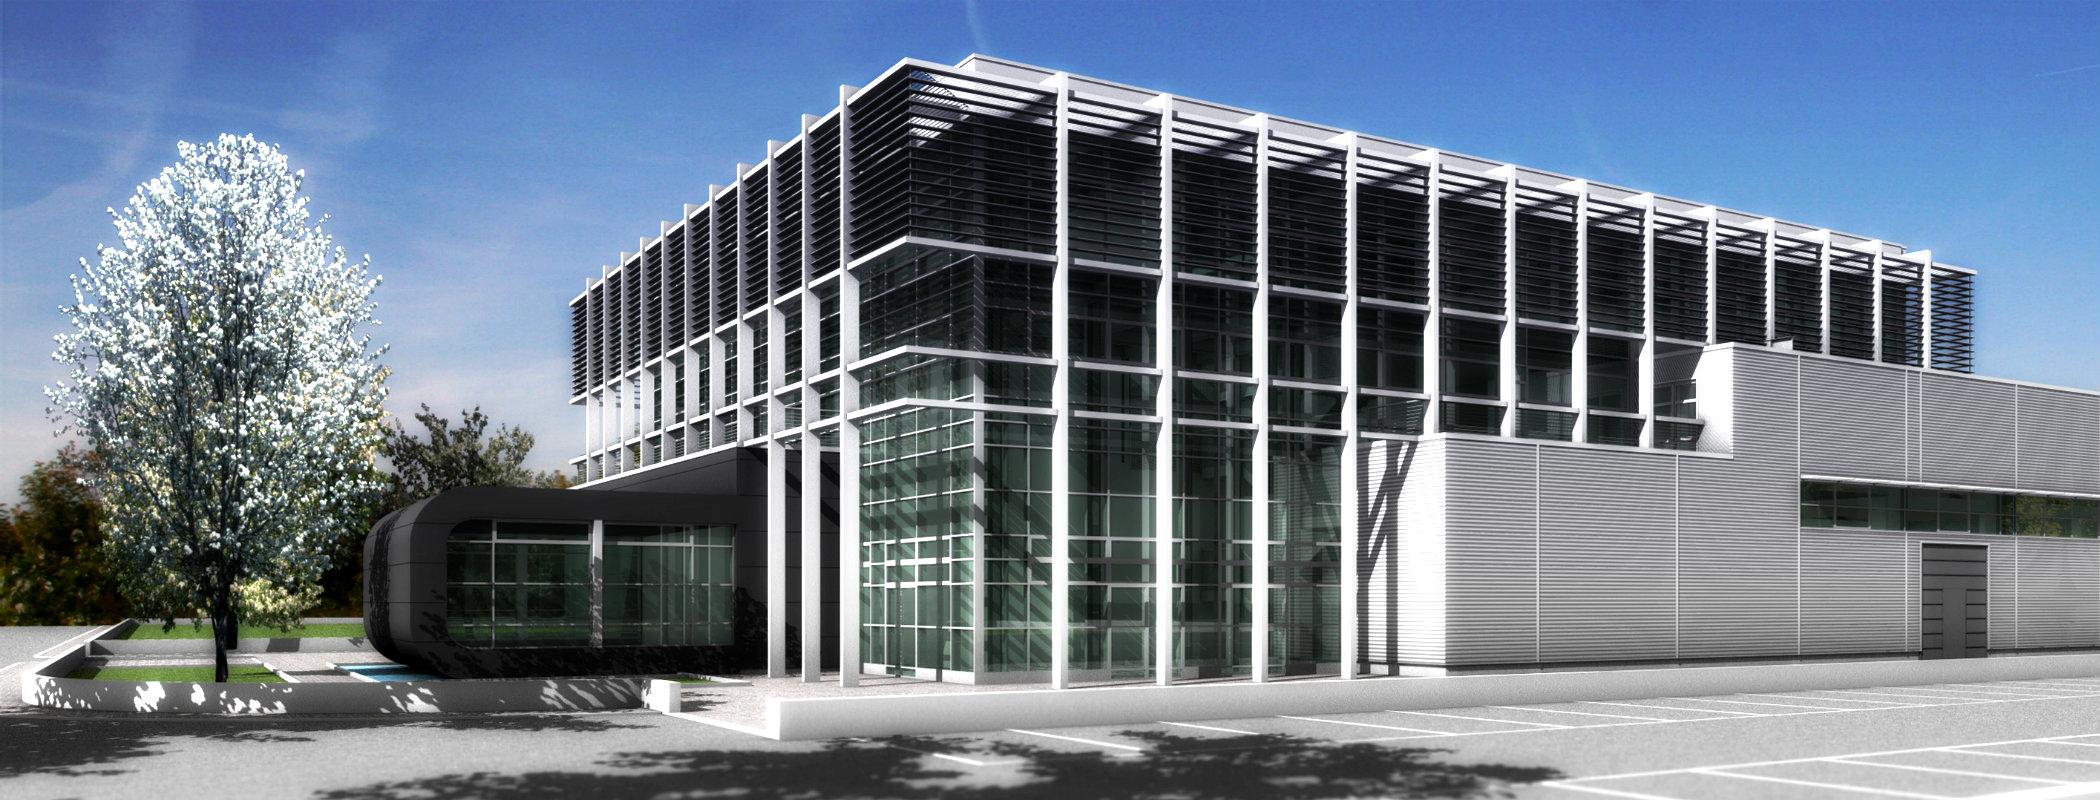 Architettura Sostenibile Architetti architetto lavarra - karma.studio - architettura sostenibile